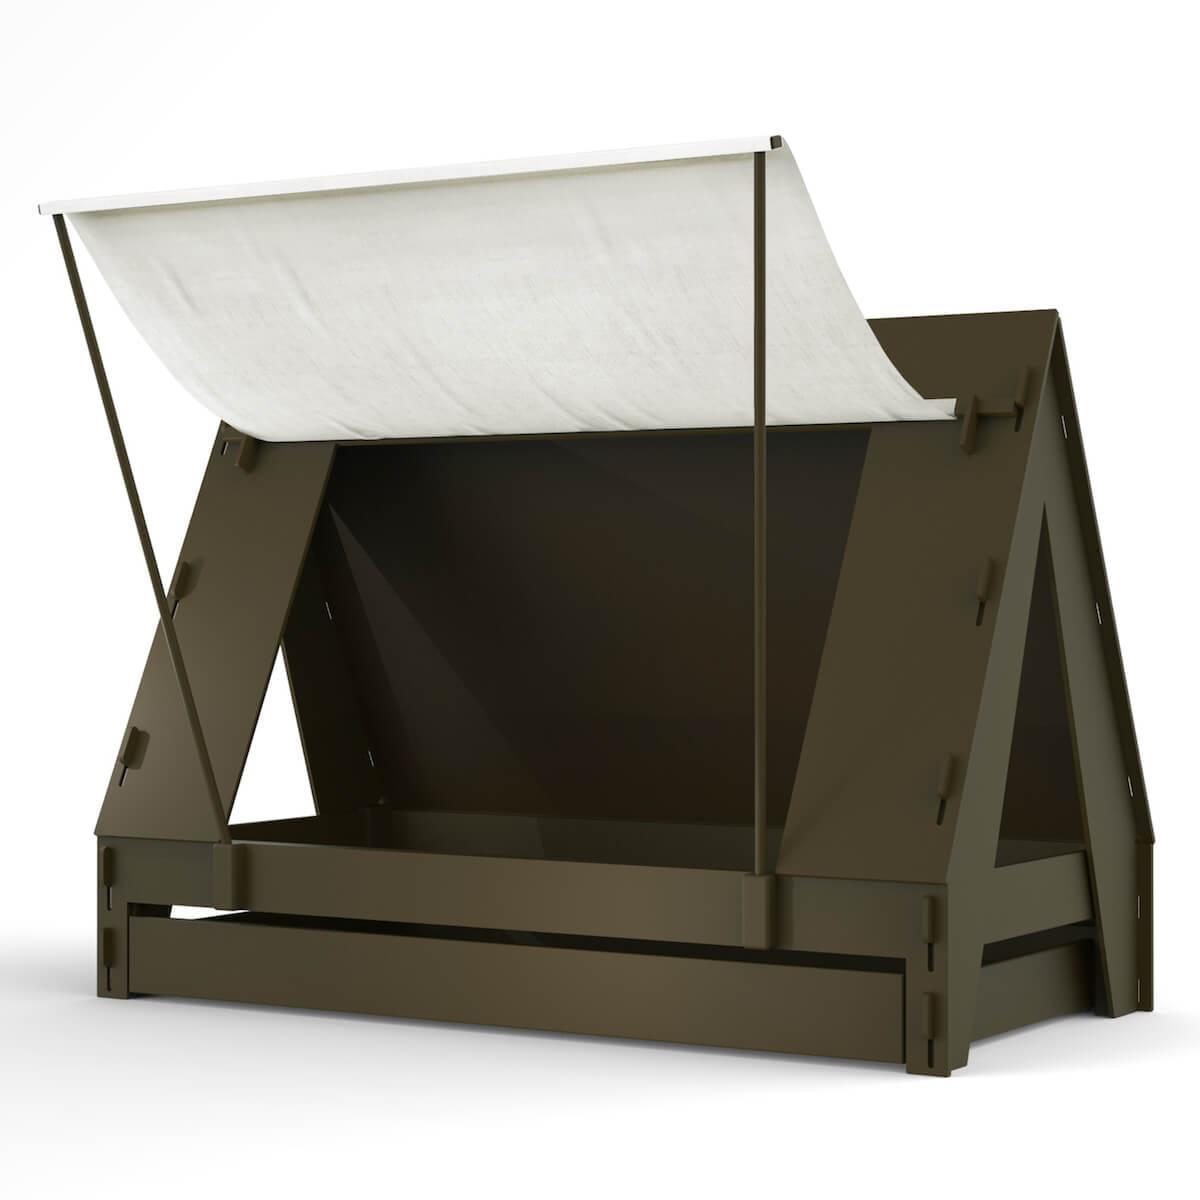 Lit bas-tiroir 90x200cm TENTE Mathy by Bols artichaut